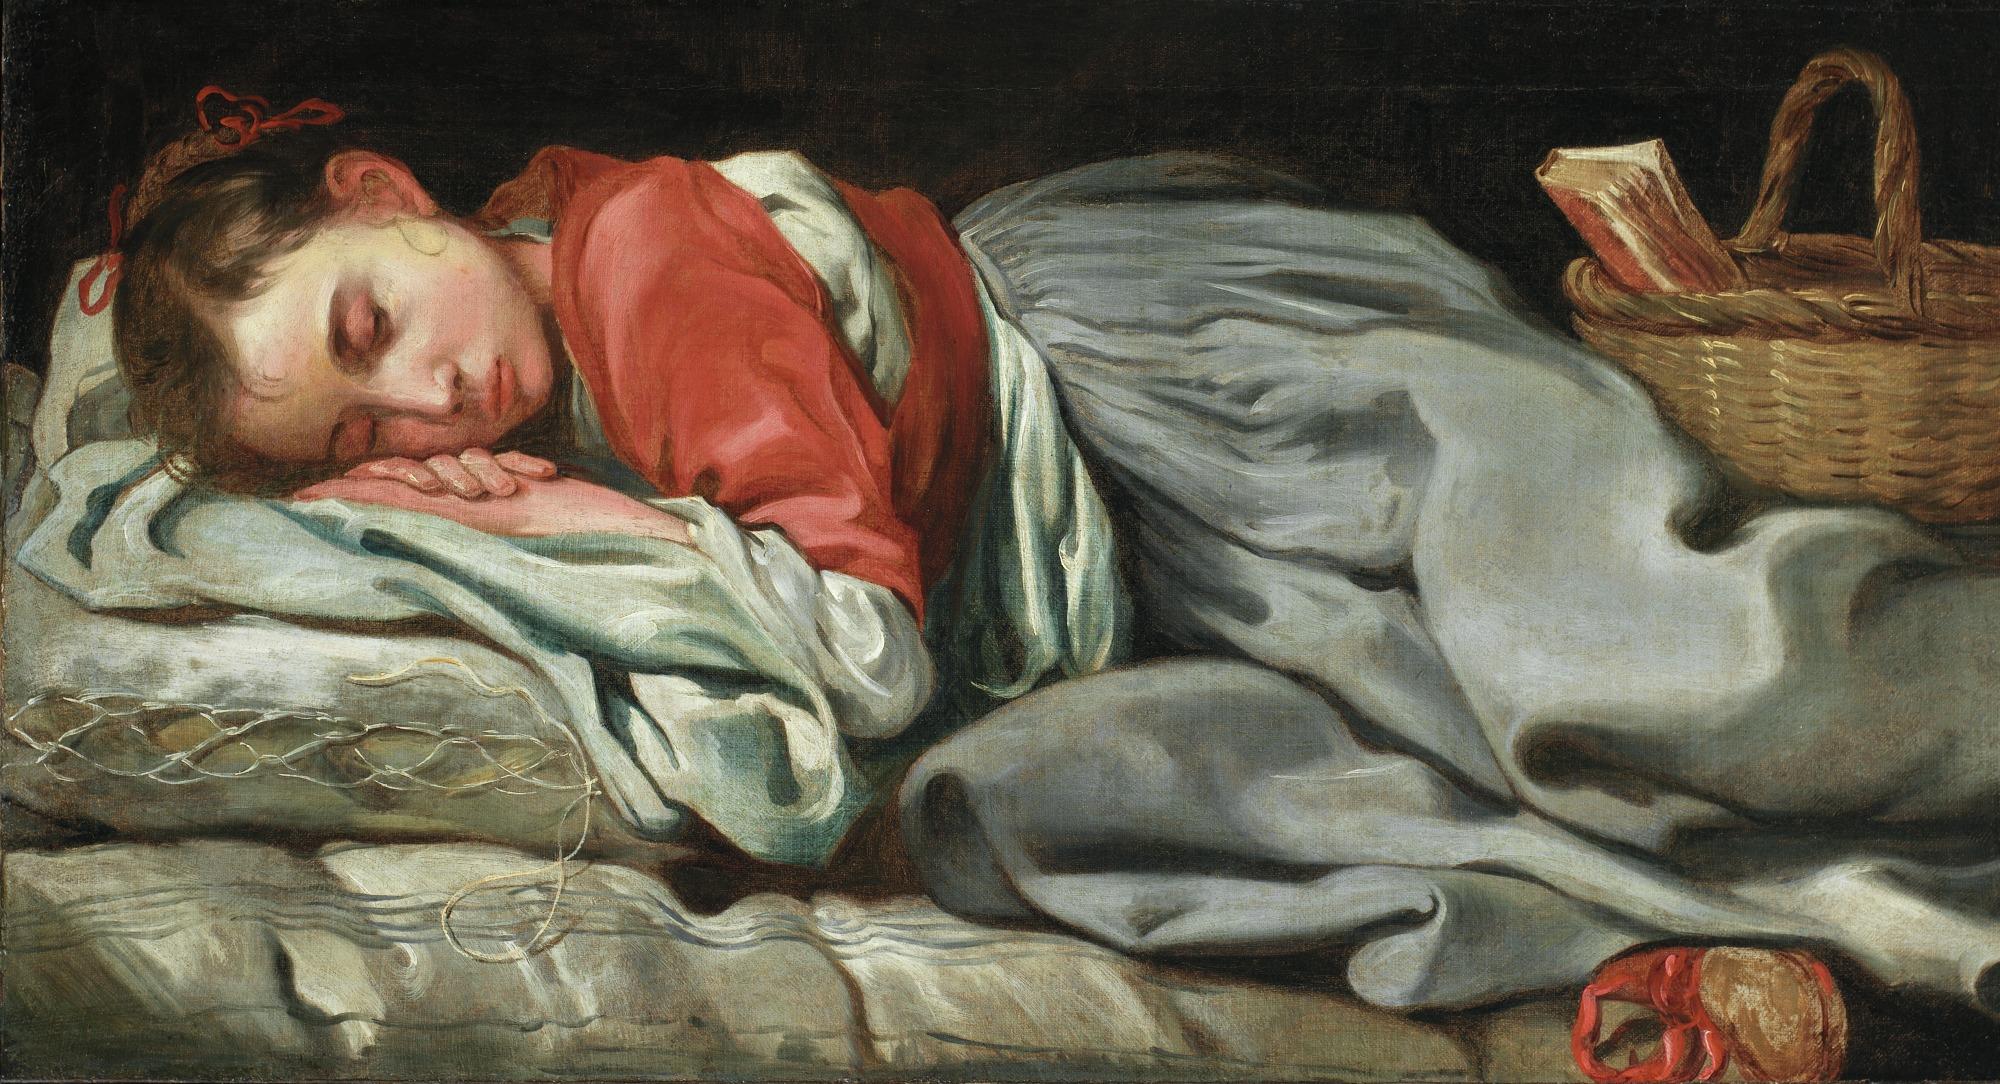 [ΒΙΒΛΙΟ] Το εγκώμιον της ξάπλας